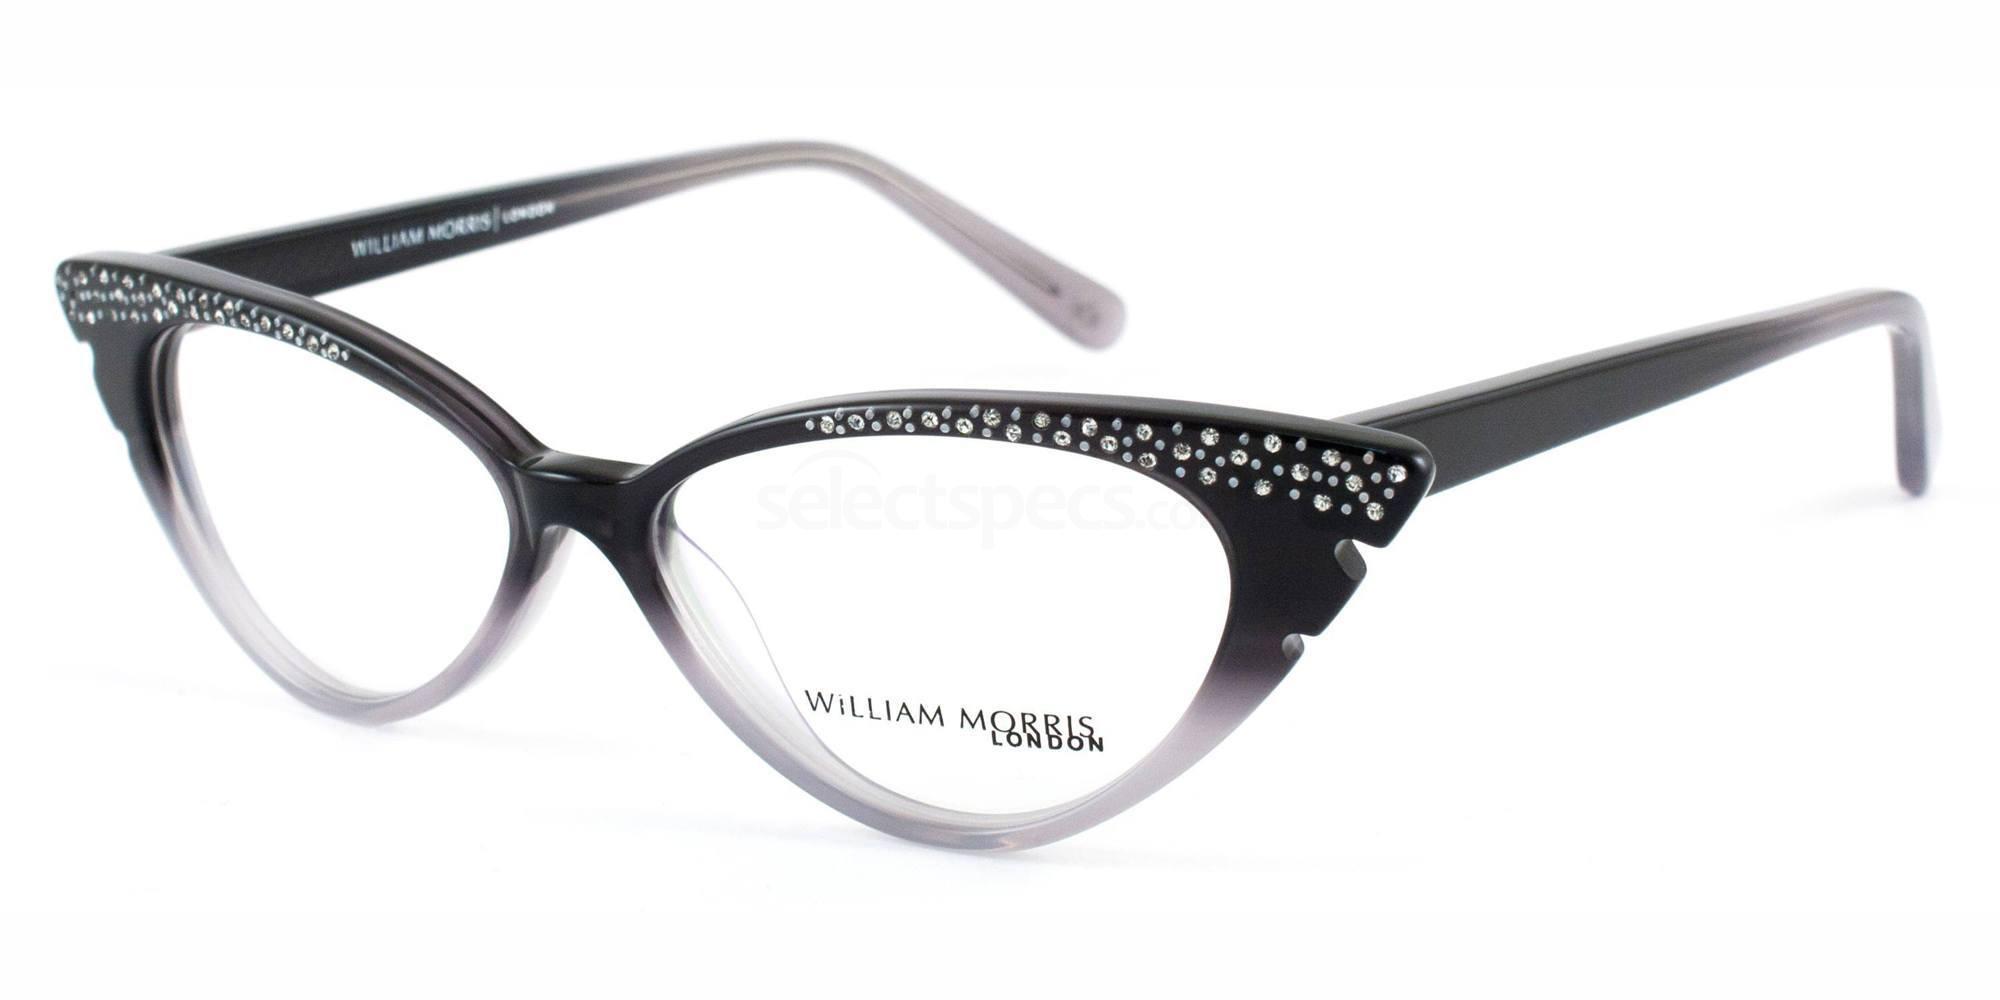 William Morris London WL6975